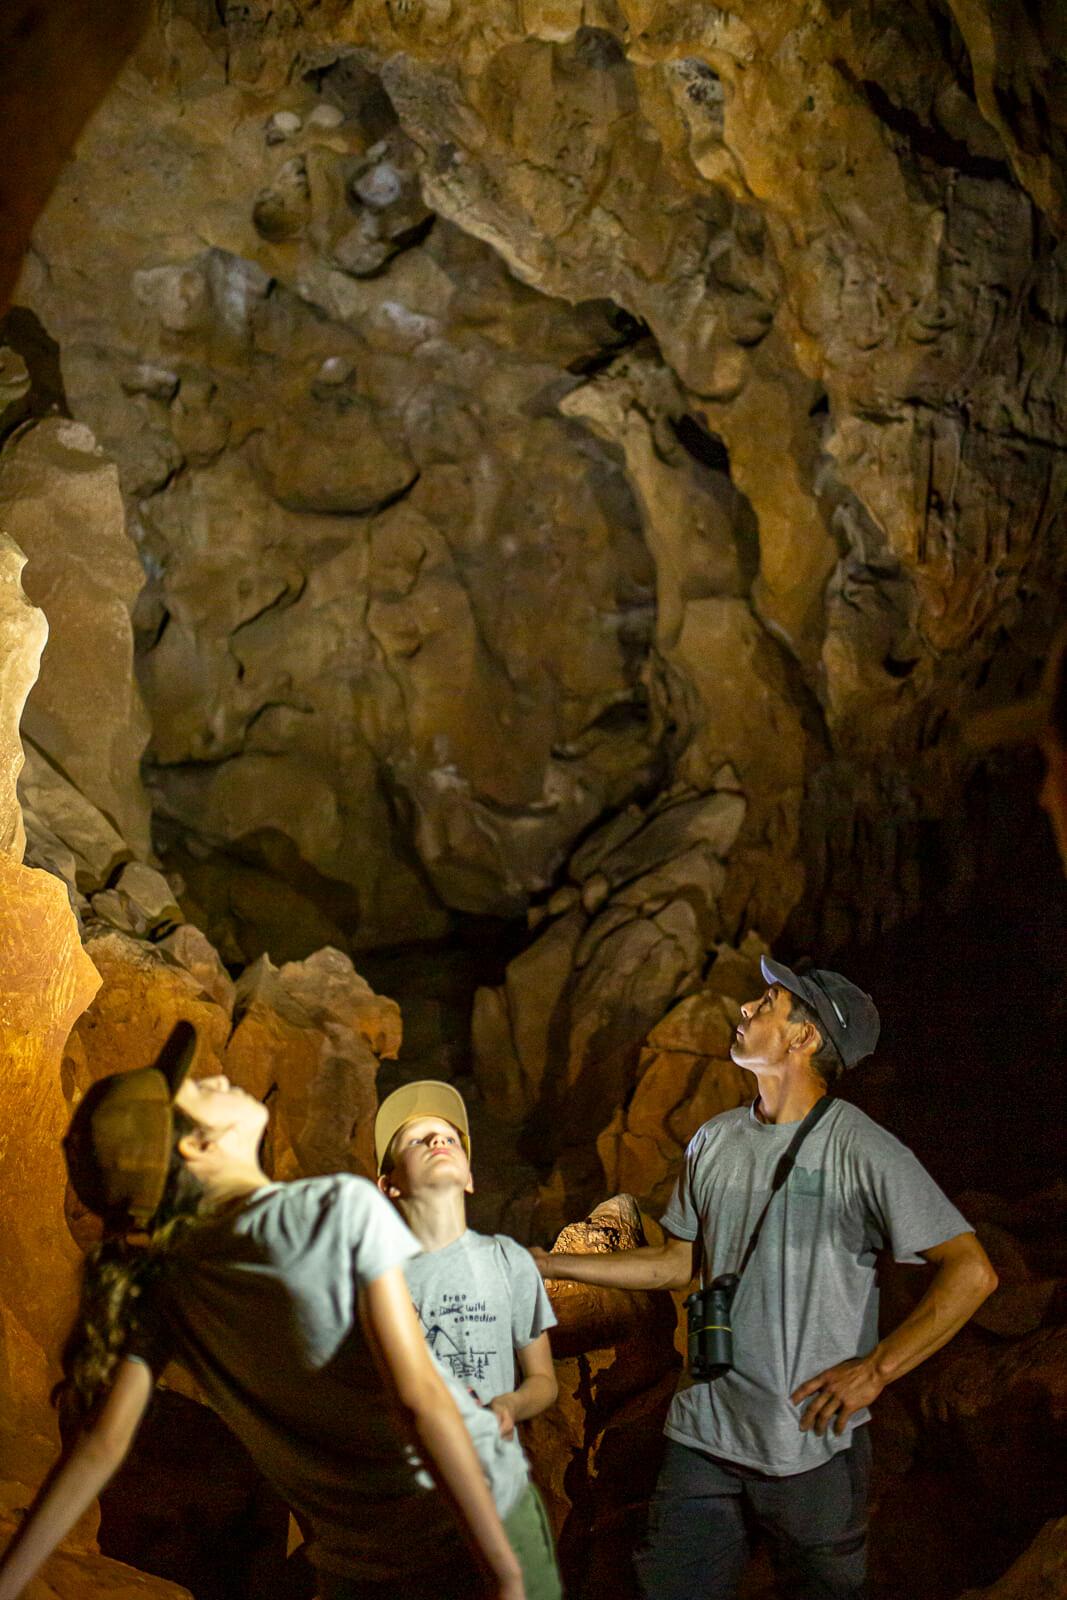 Découverte d'une grotte pendant une randonnée en famille dans les Gorges de l'Ardèche